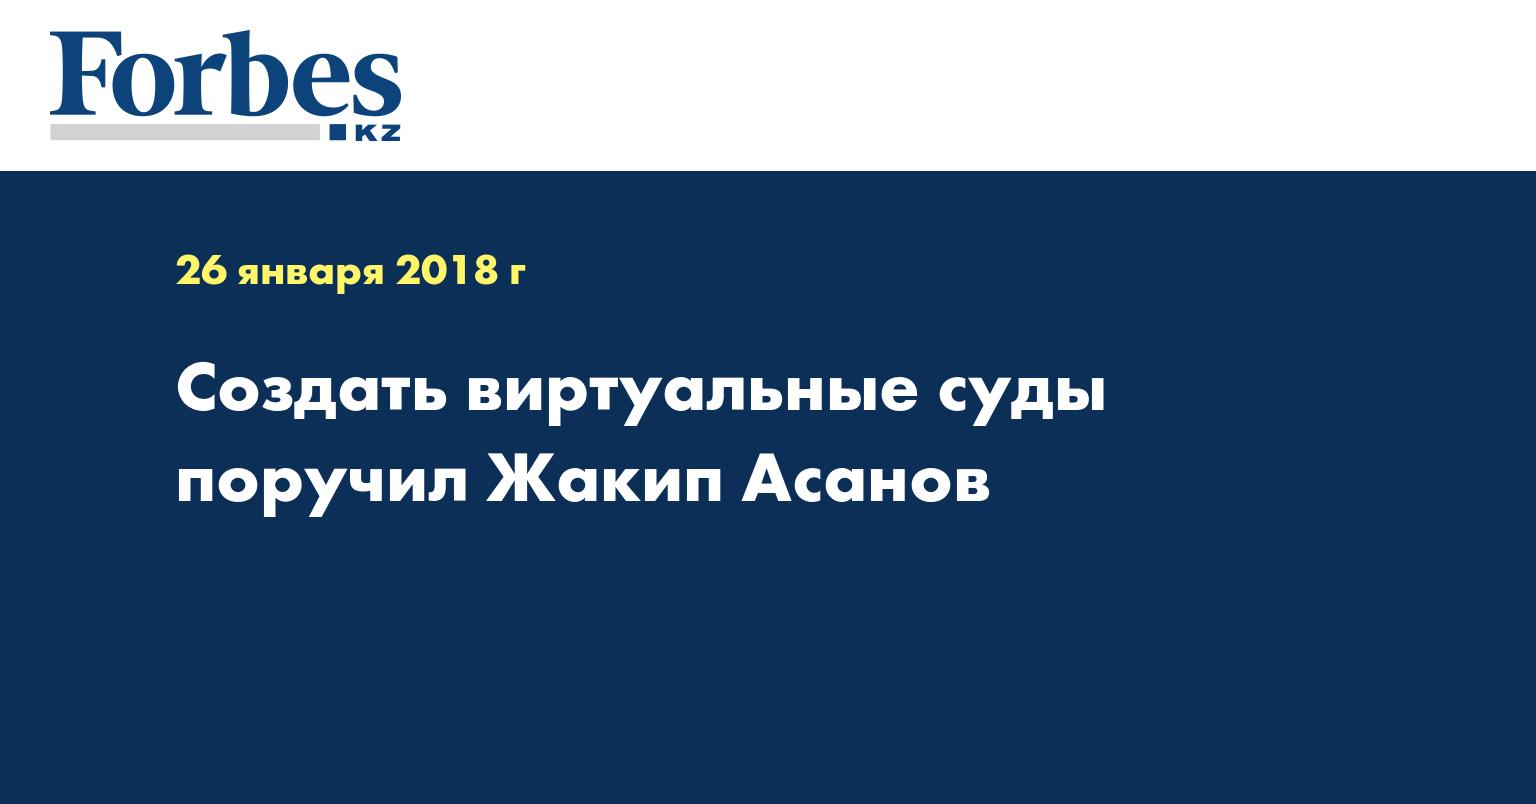 Создать виртуальные суды поручил Жакип Асанов